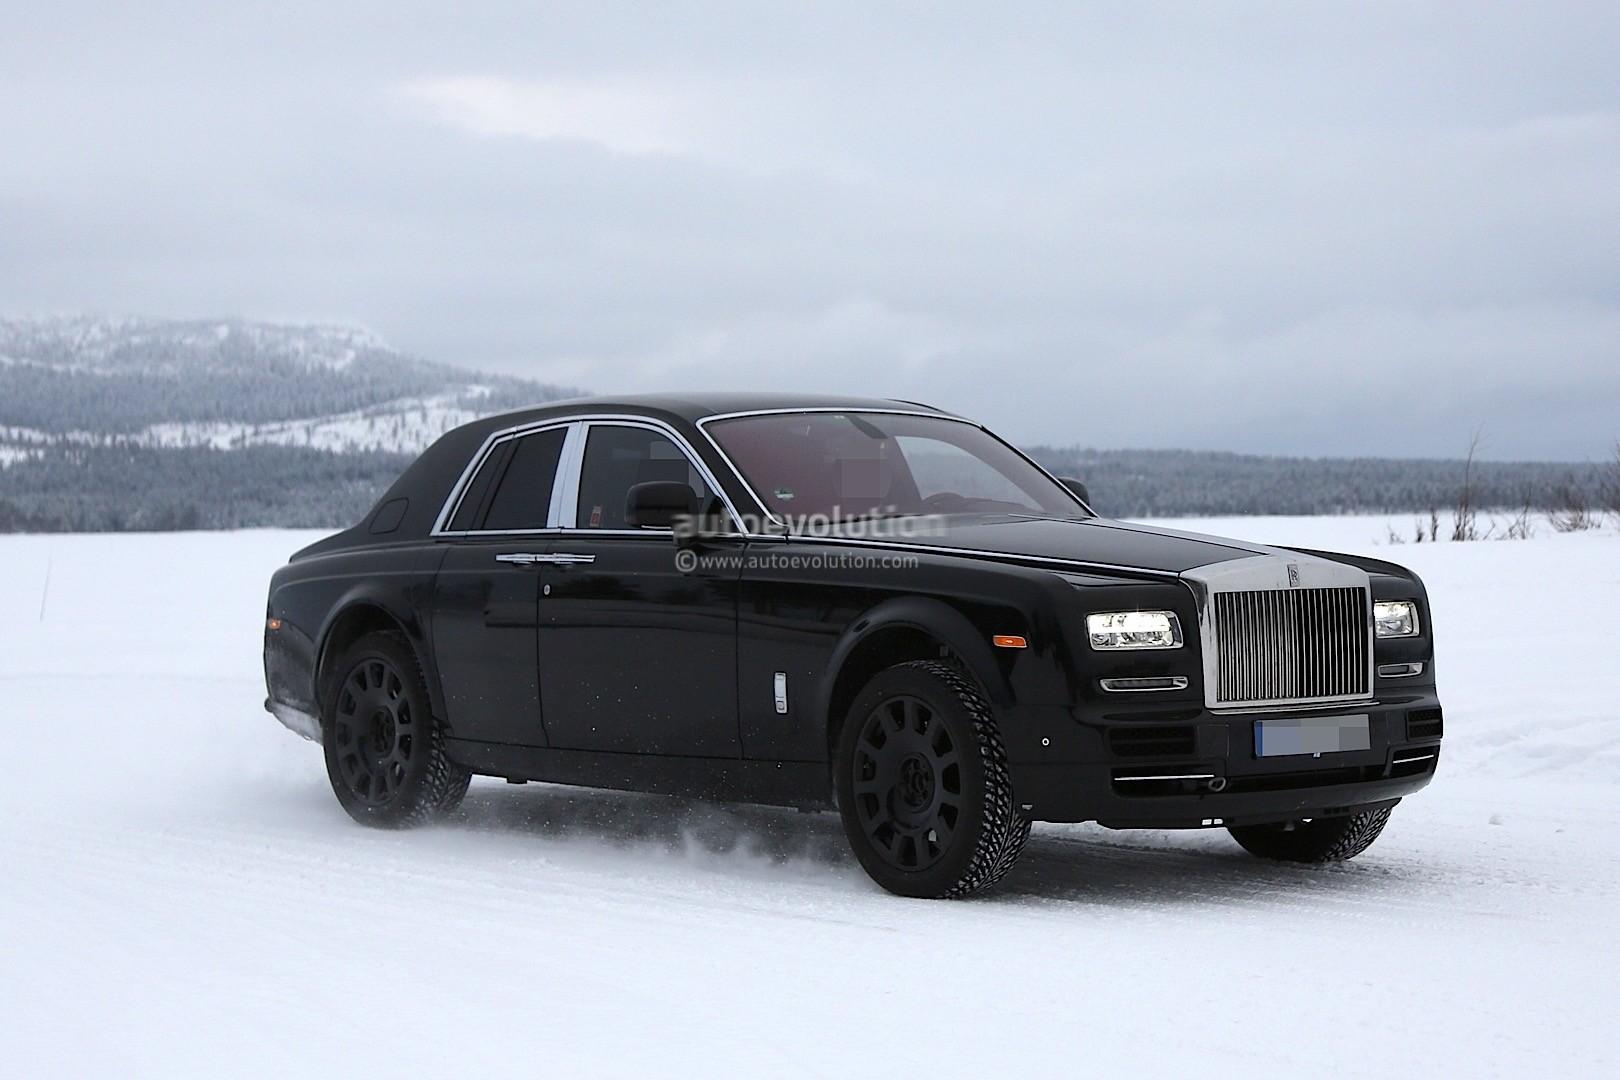 Rolls Royce Suv Spied In Sweden It S Shorter Than A